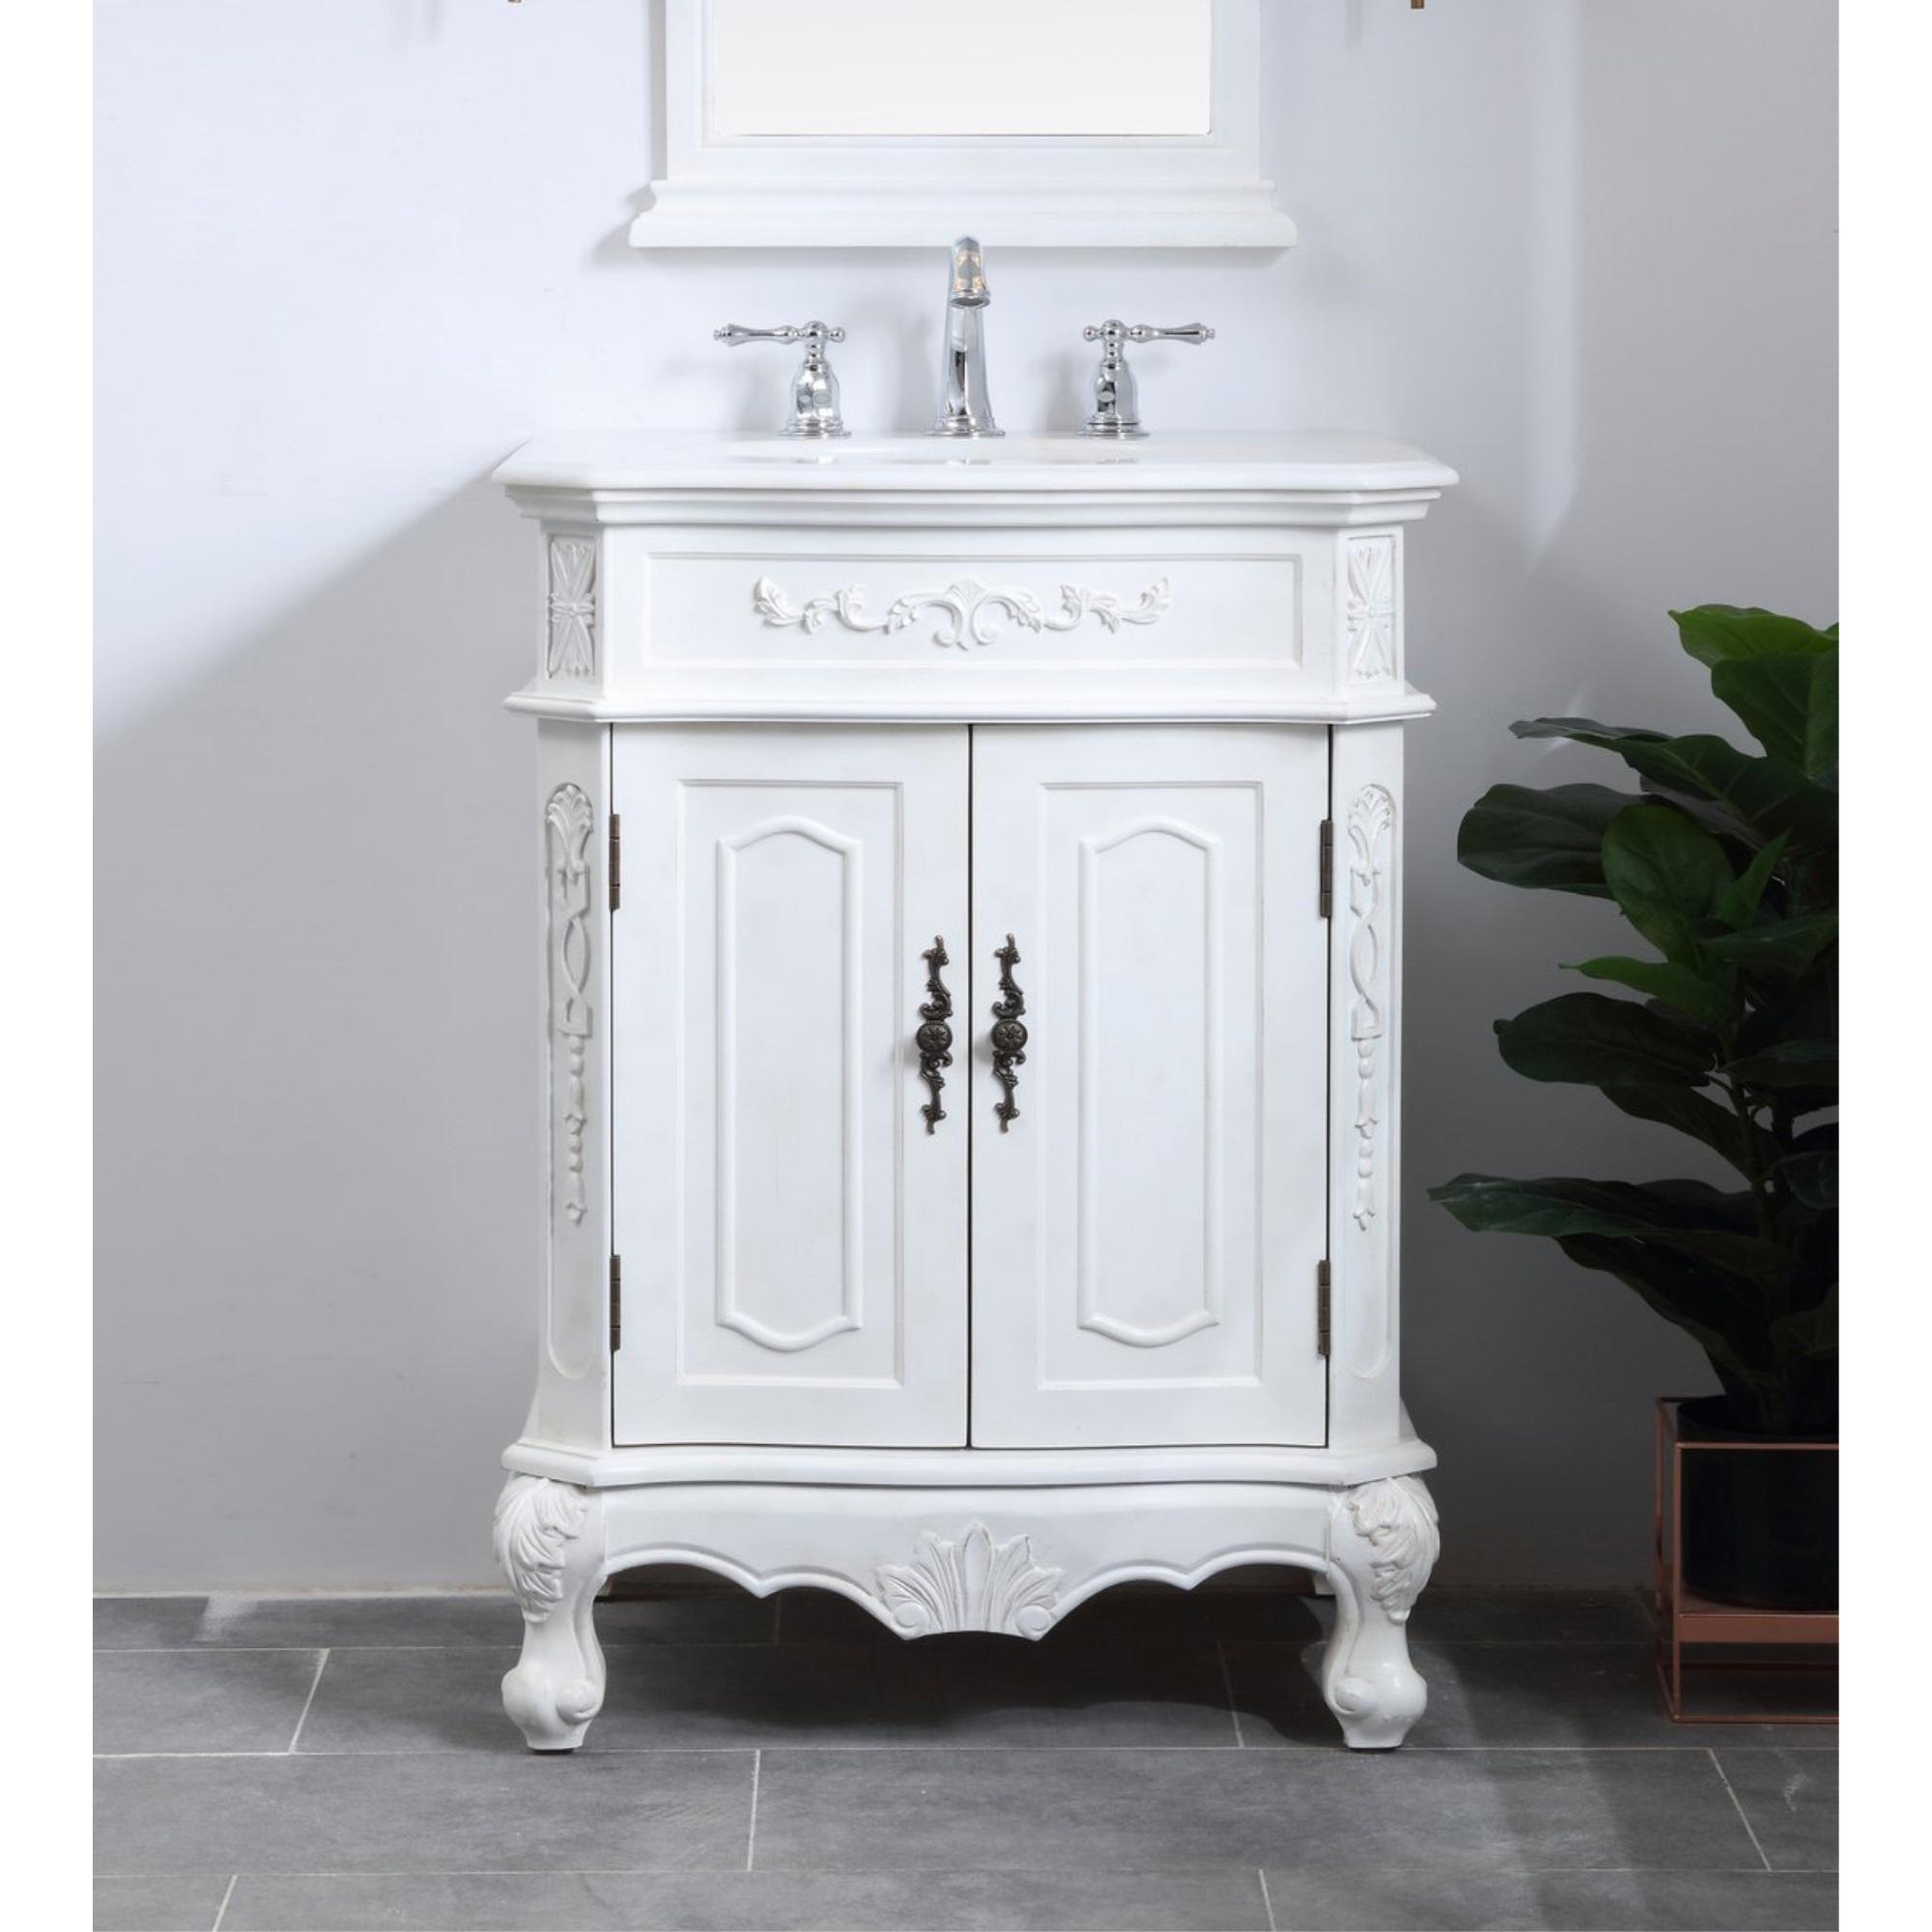 Vintage Bathroom Vanity Set: 27 In. Single Bathroom Vanity Set In Antique White